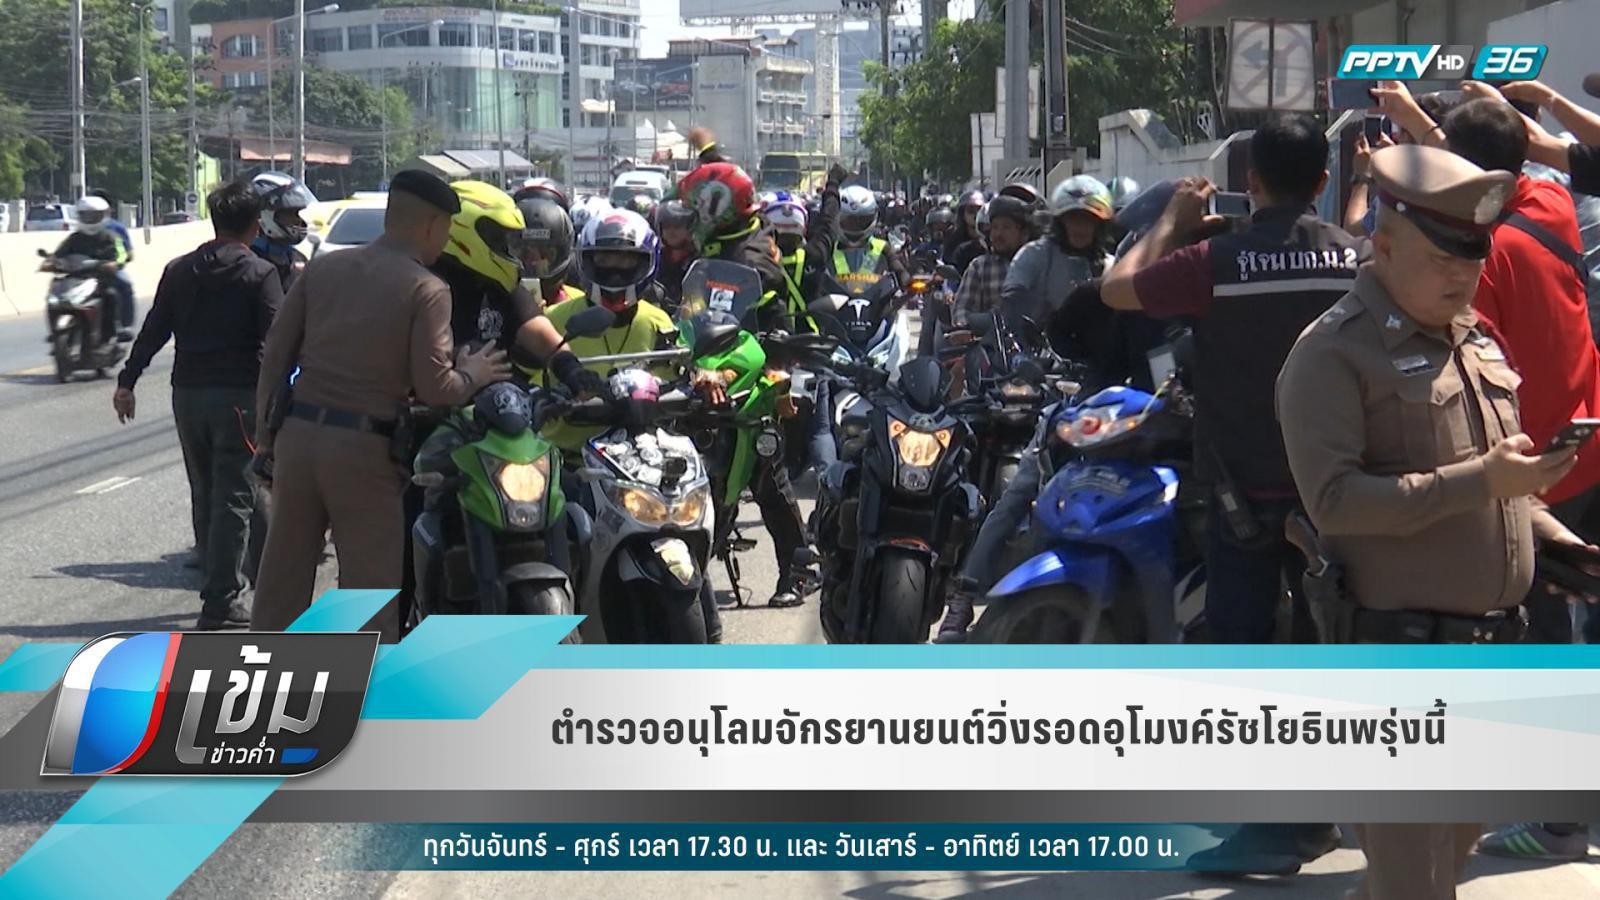 ตำรวจอนุโลมจักรยานยนต์วิ่งลอดอุโมงค์รัชโยธินพรุ่งนี้